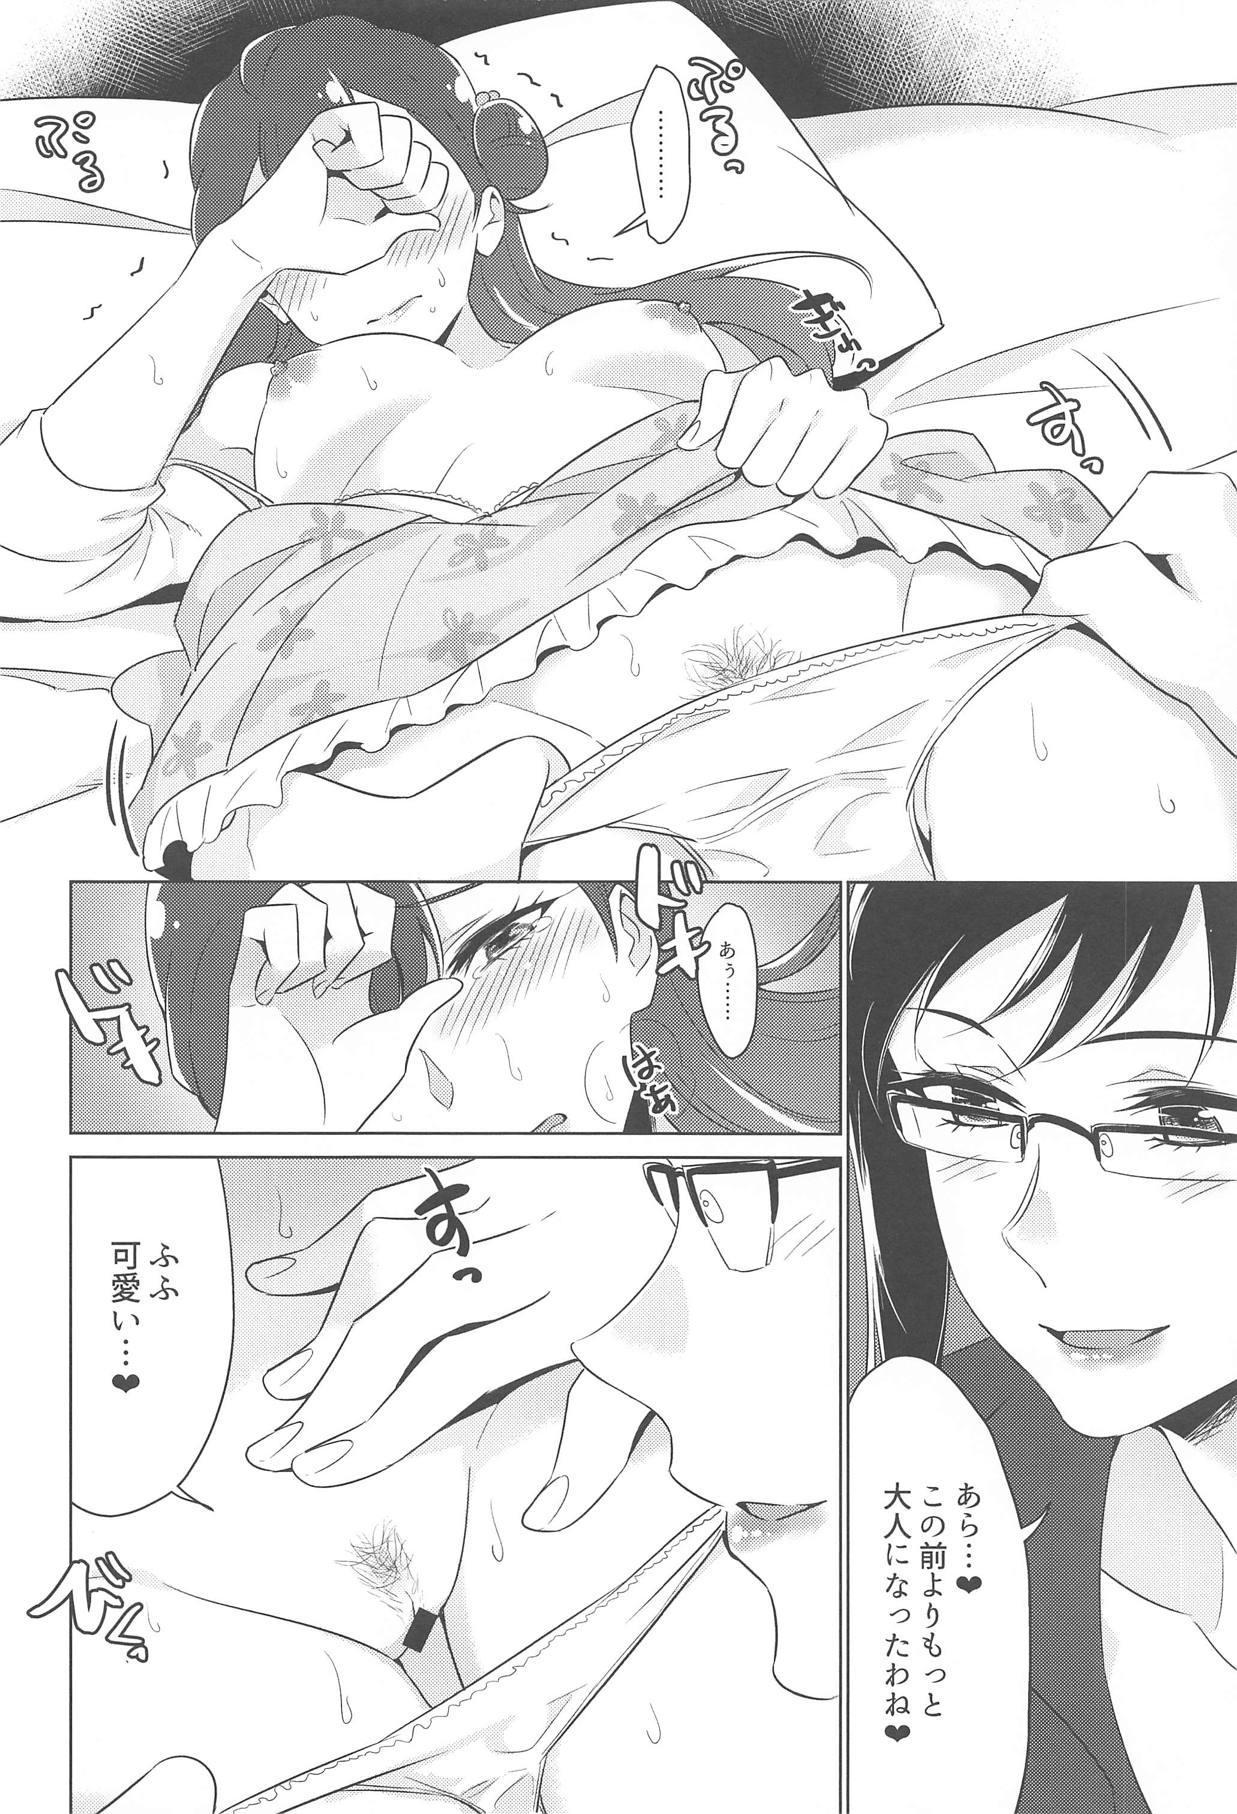 Tenshi no Haneyasume 14